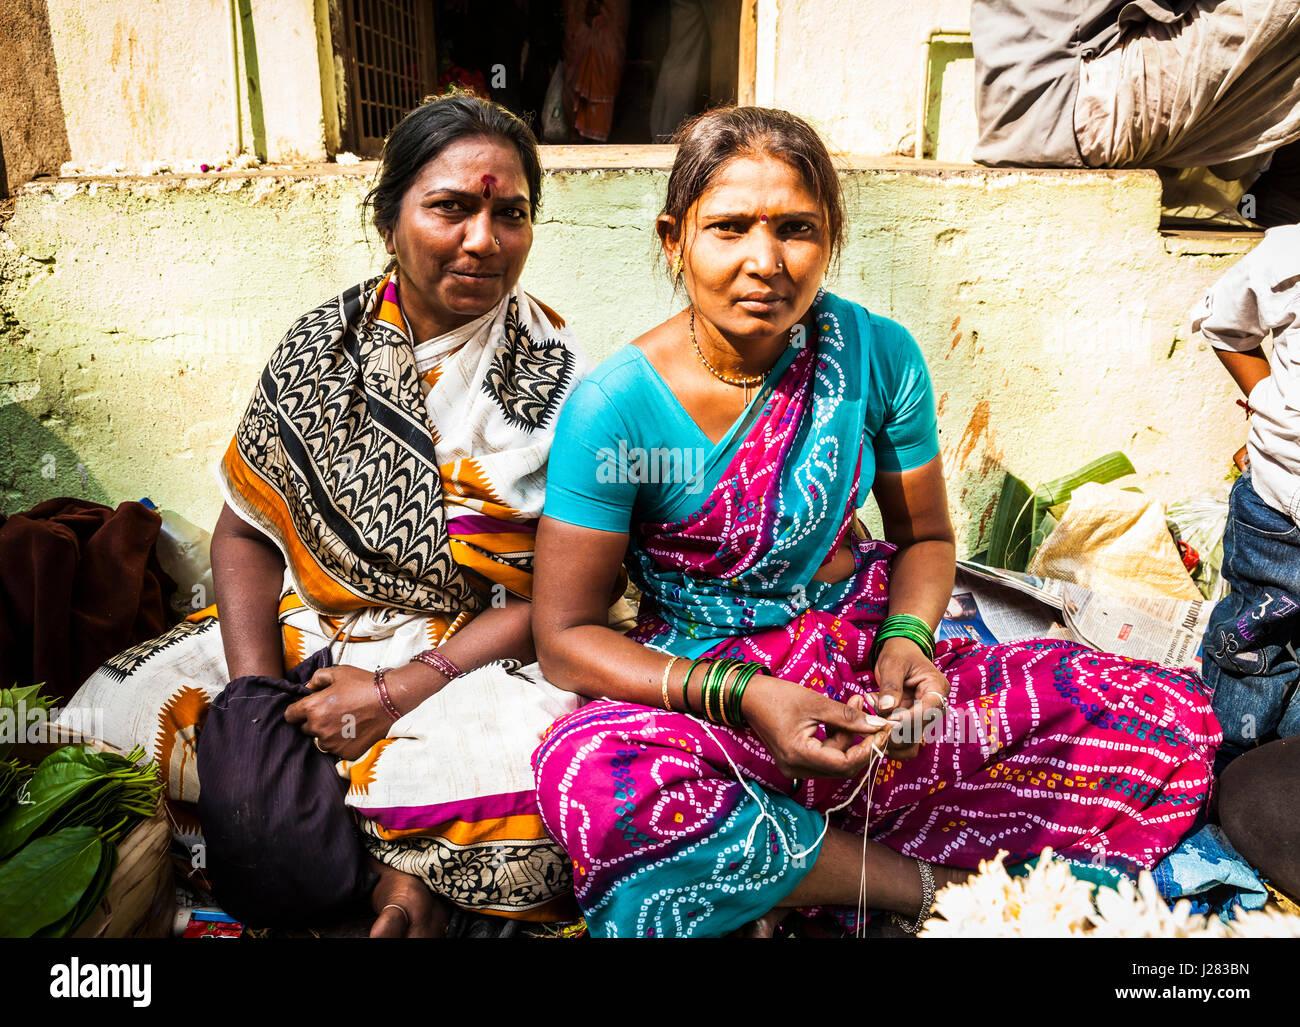 femelles pour la datation à Pune 36 ans homme célibataire